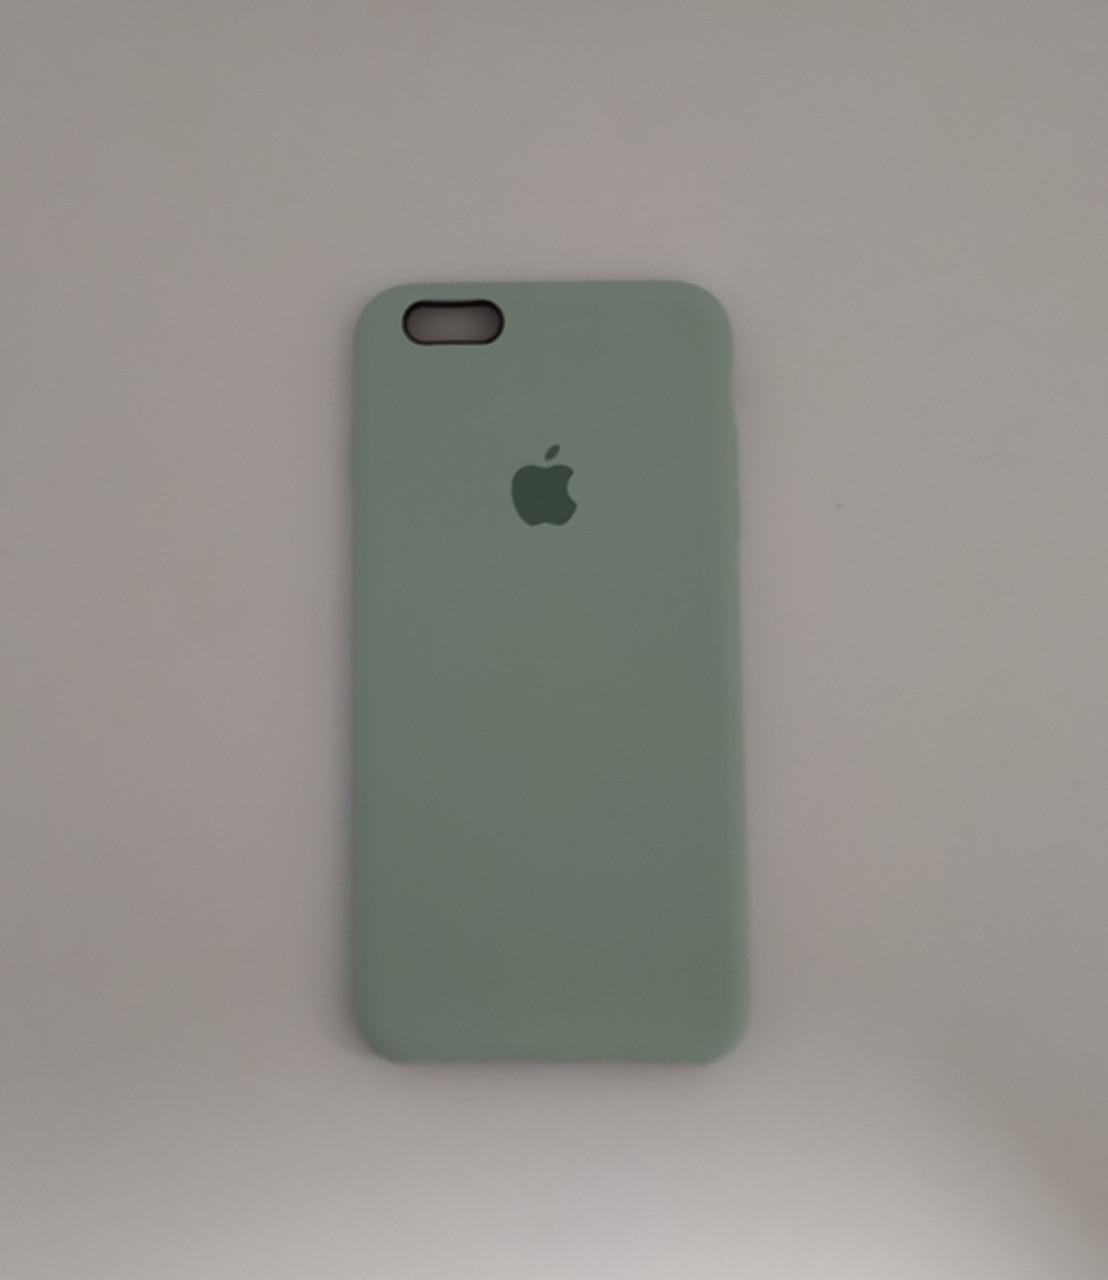 """Чехол Silicon iPhone 6 Plus - """"Бирюзовый №17"""""""